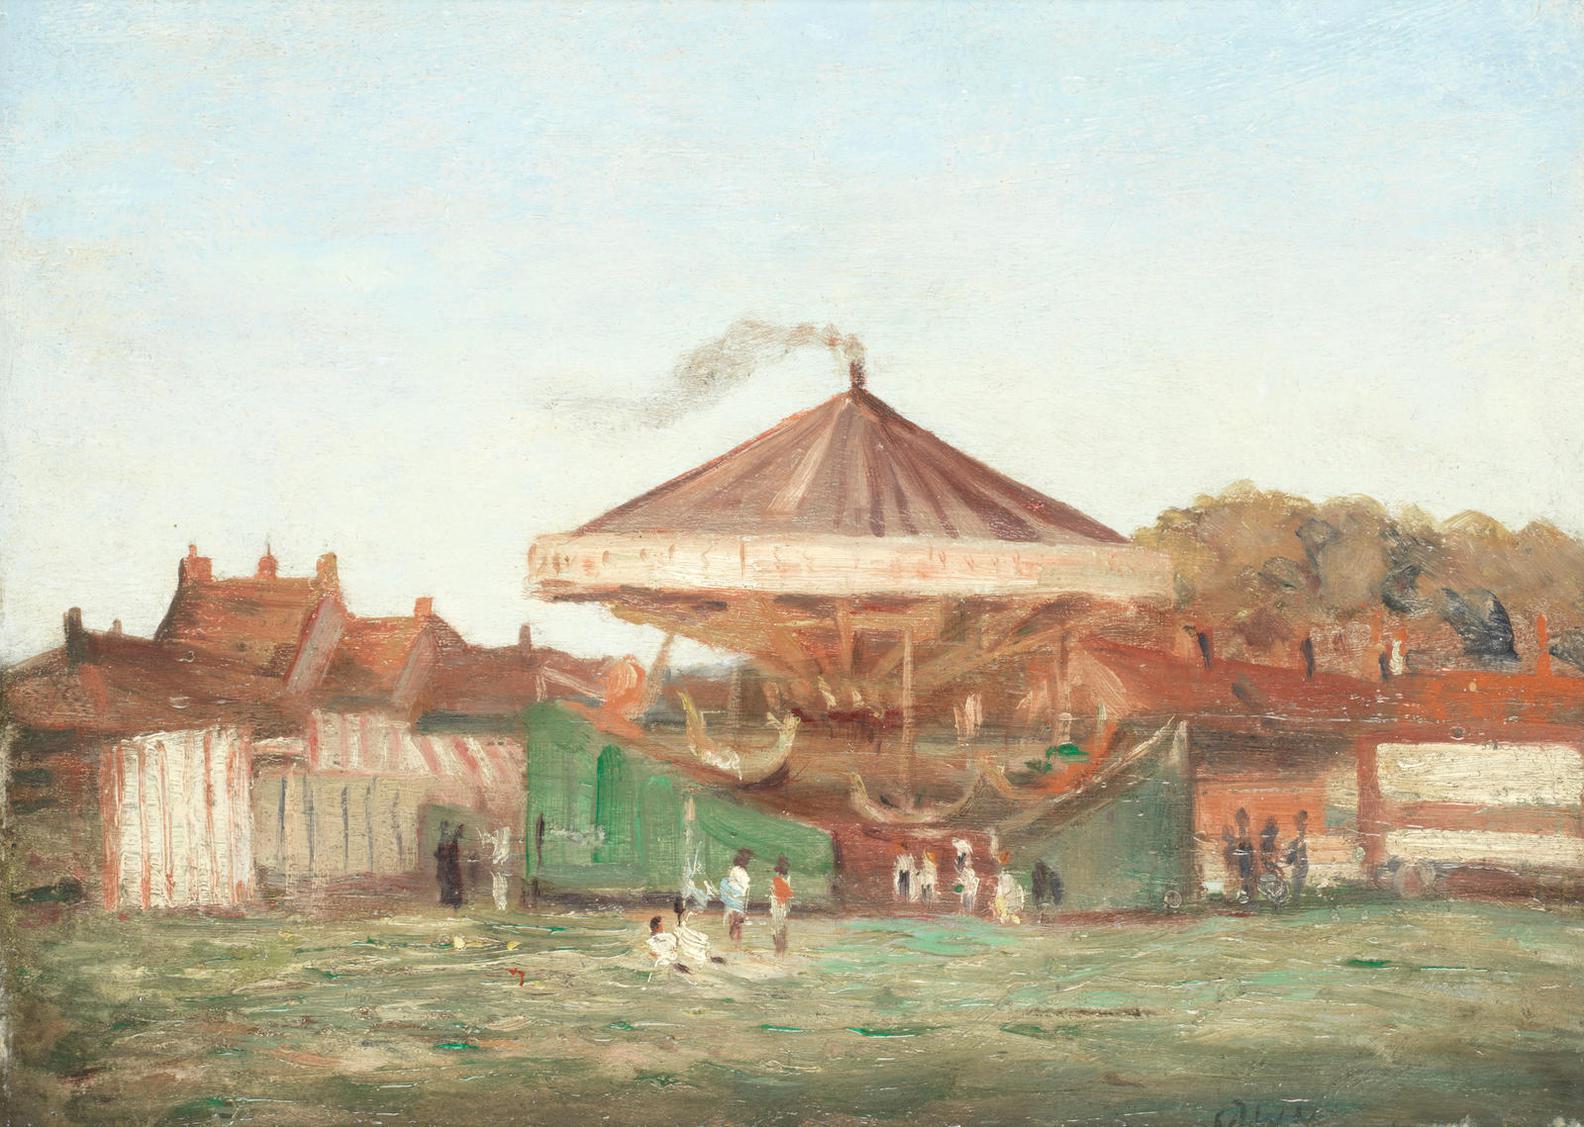 Christopher Richard Wynne Nevinson A.R.A - The Fair, Hampstead Heath-